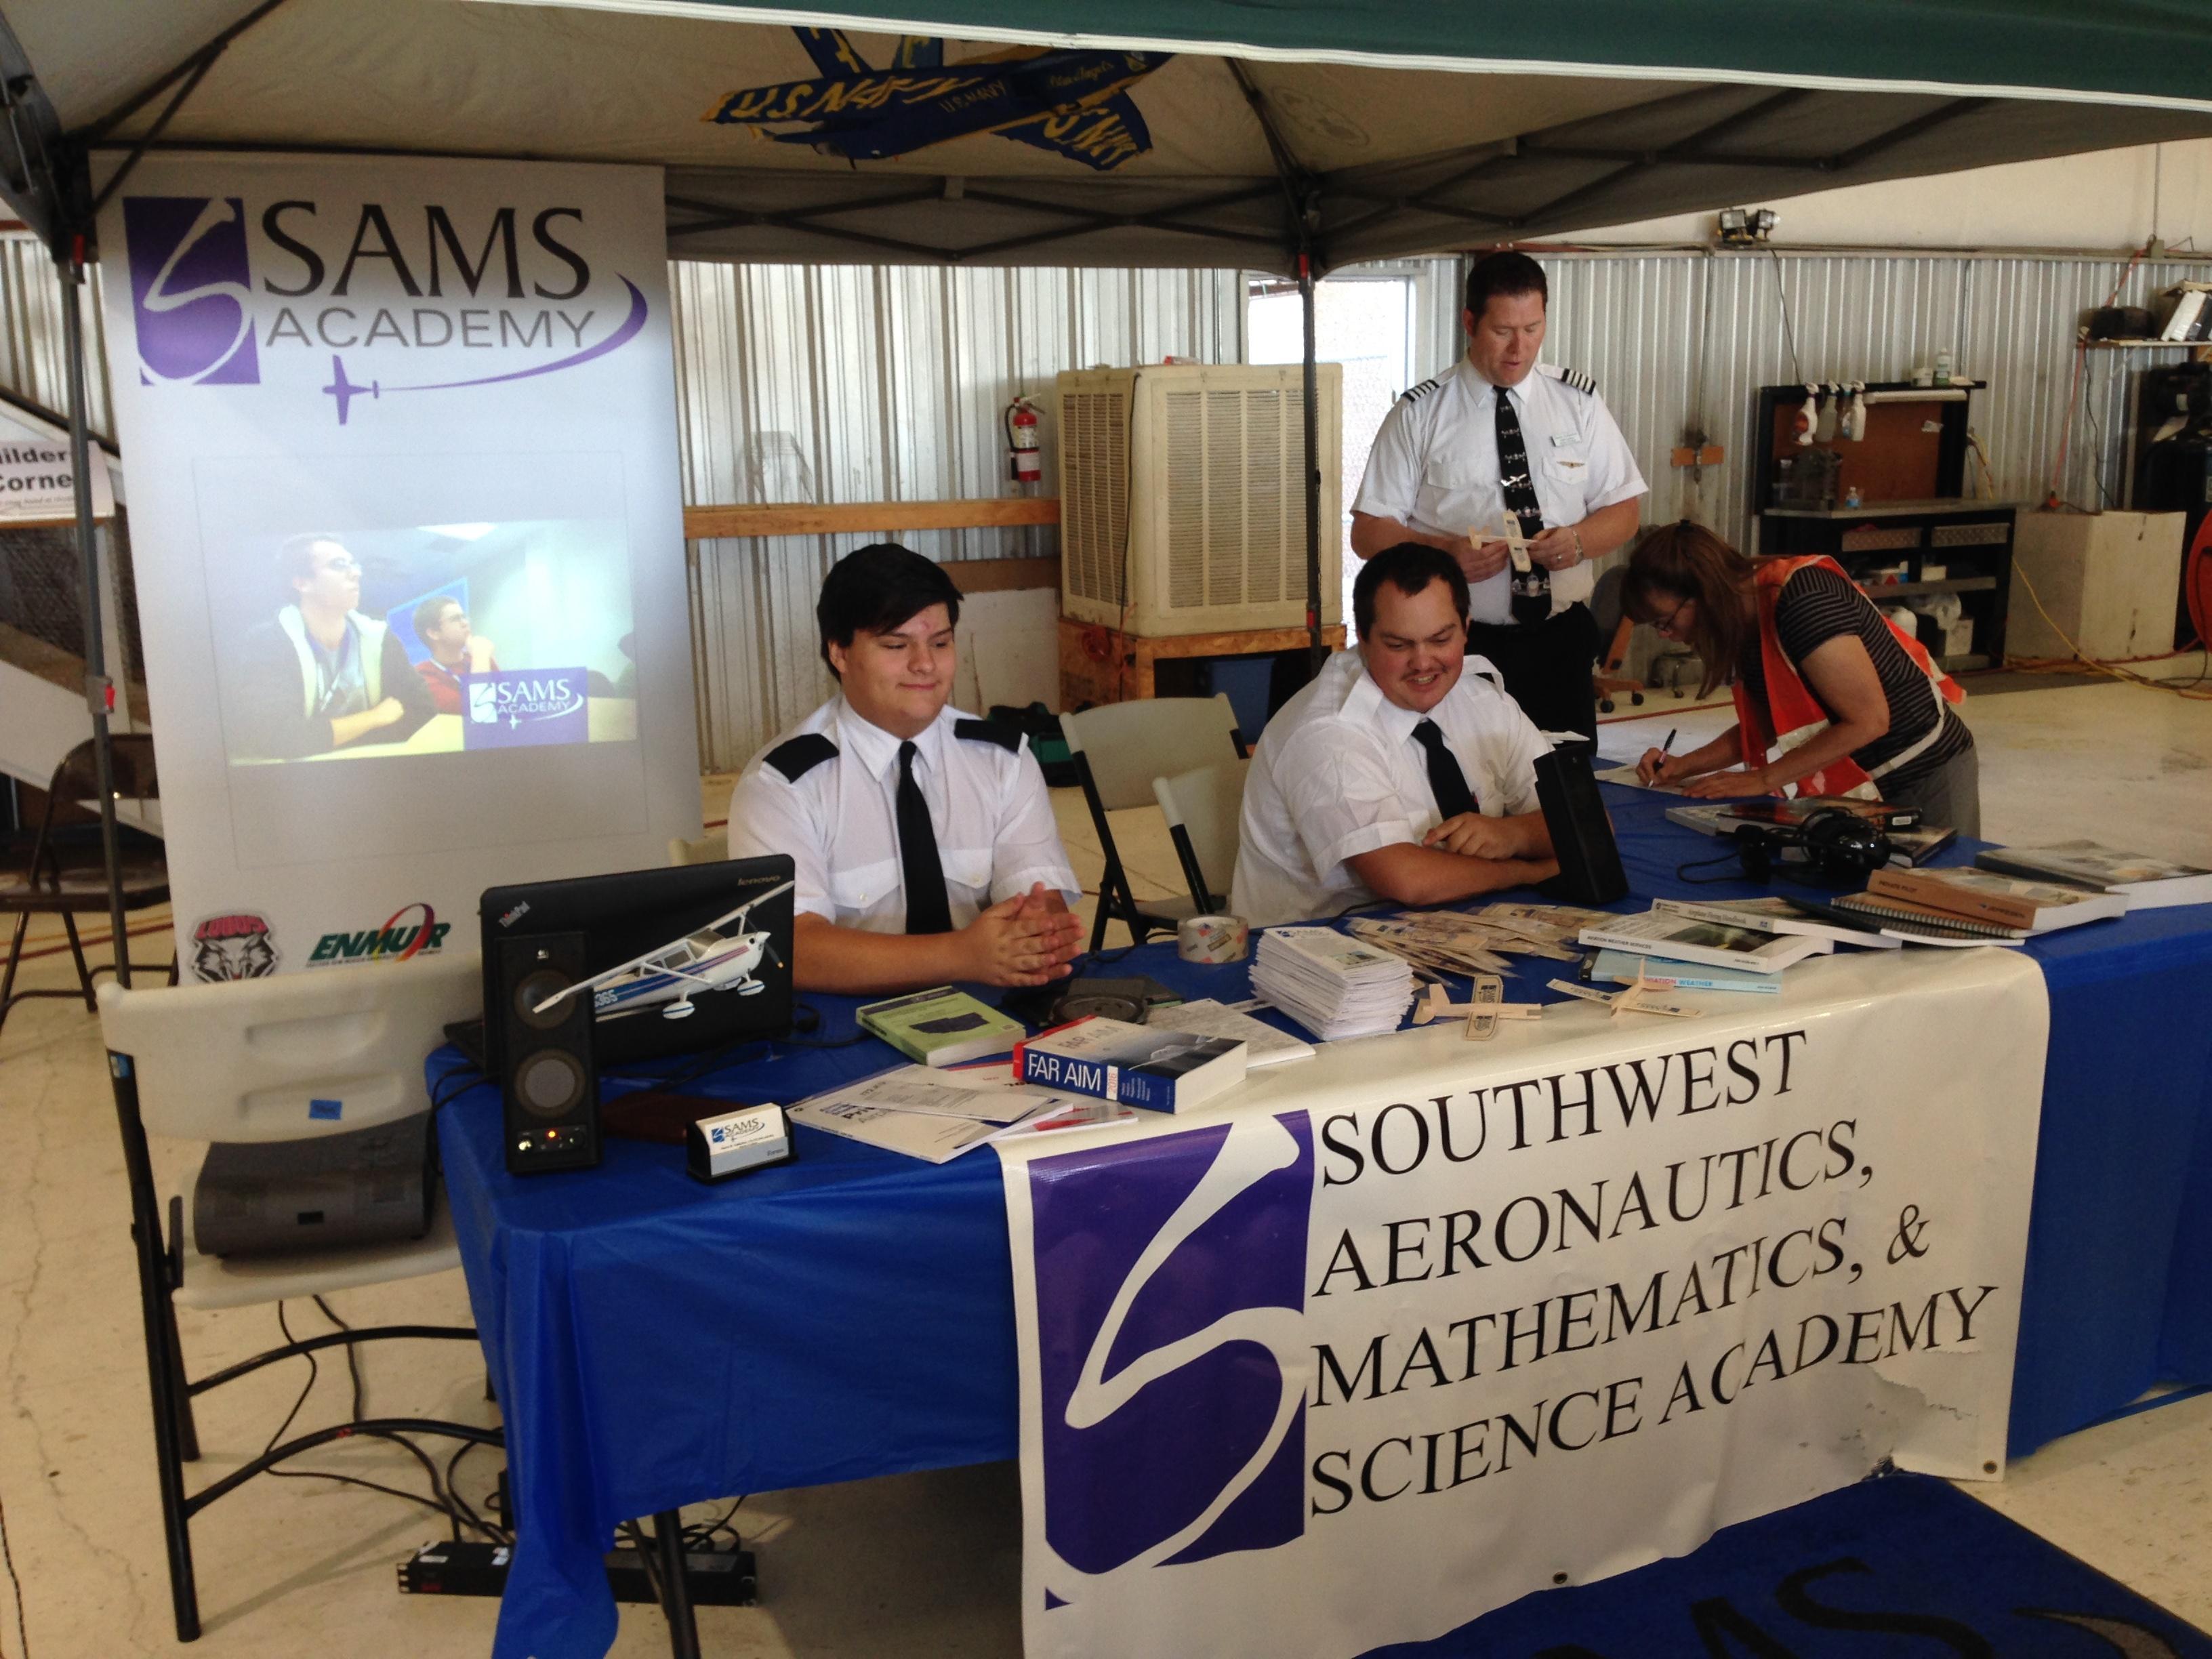 SAMS Academy